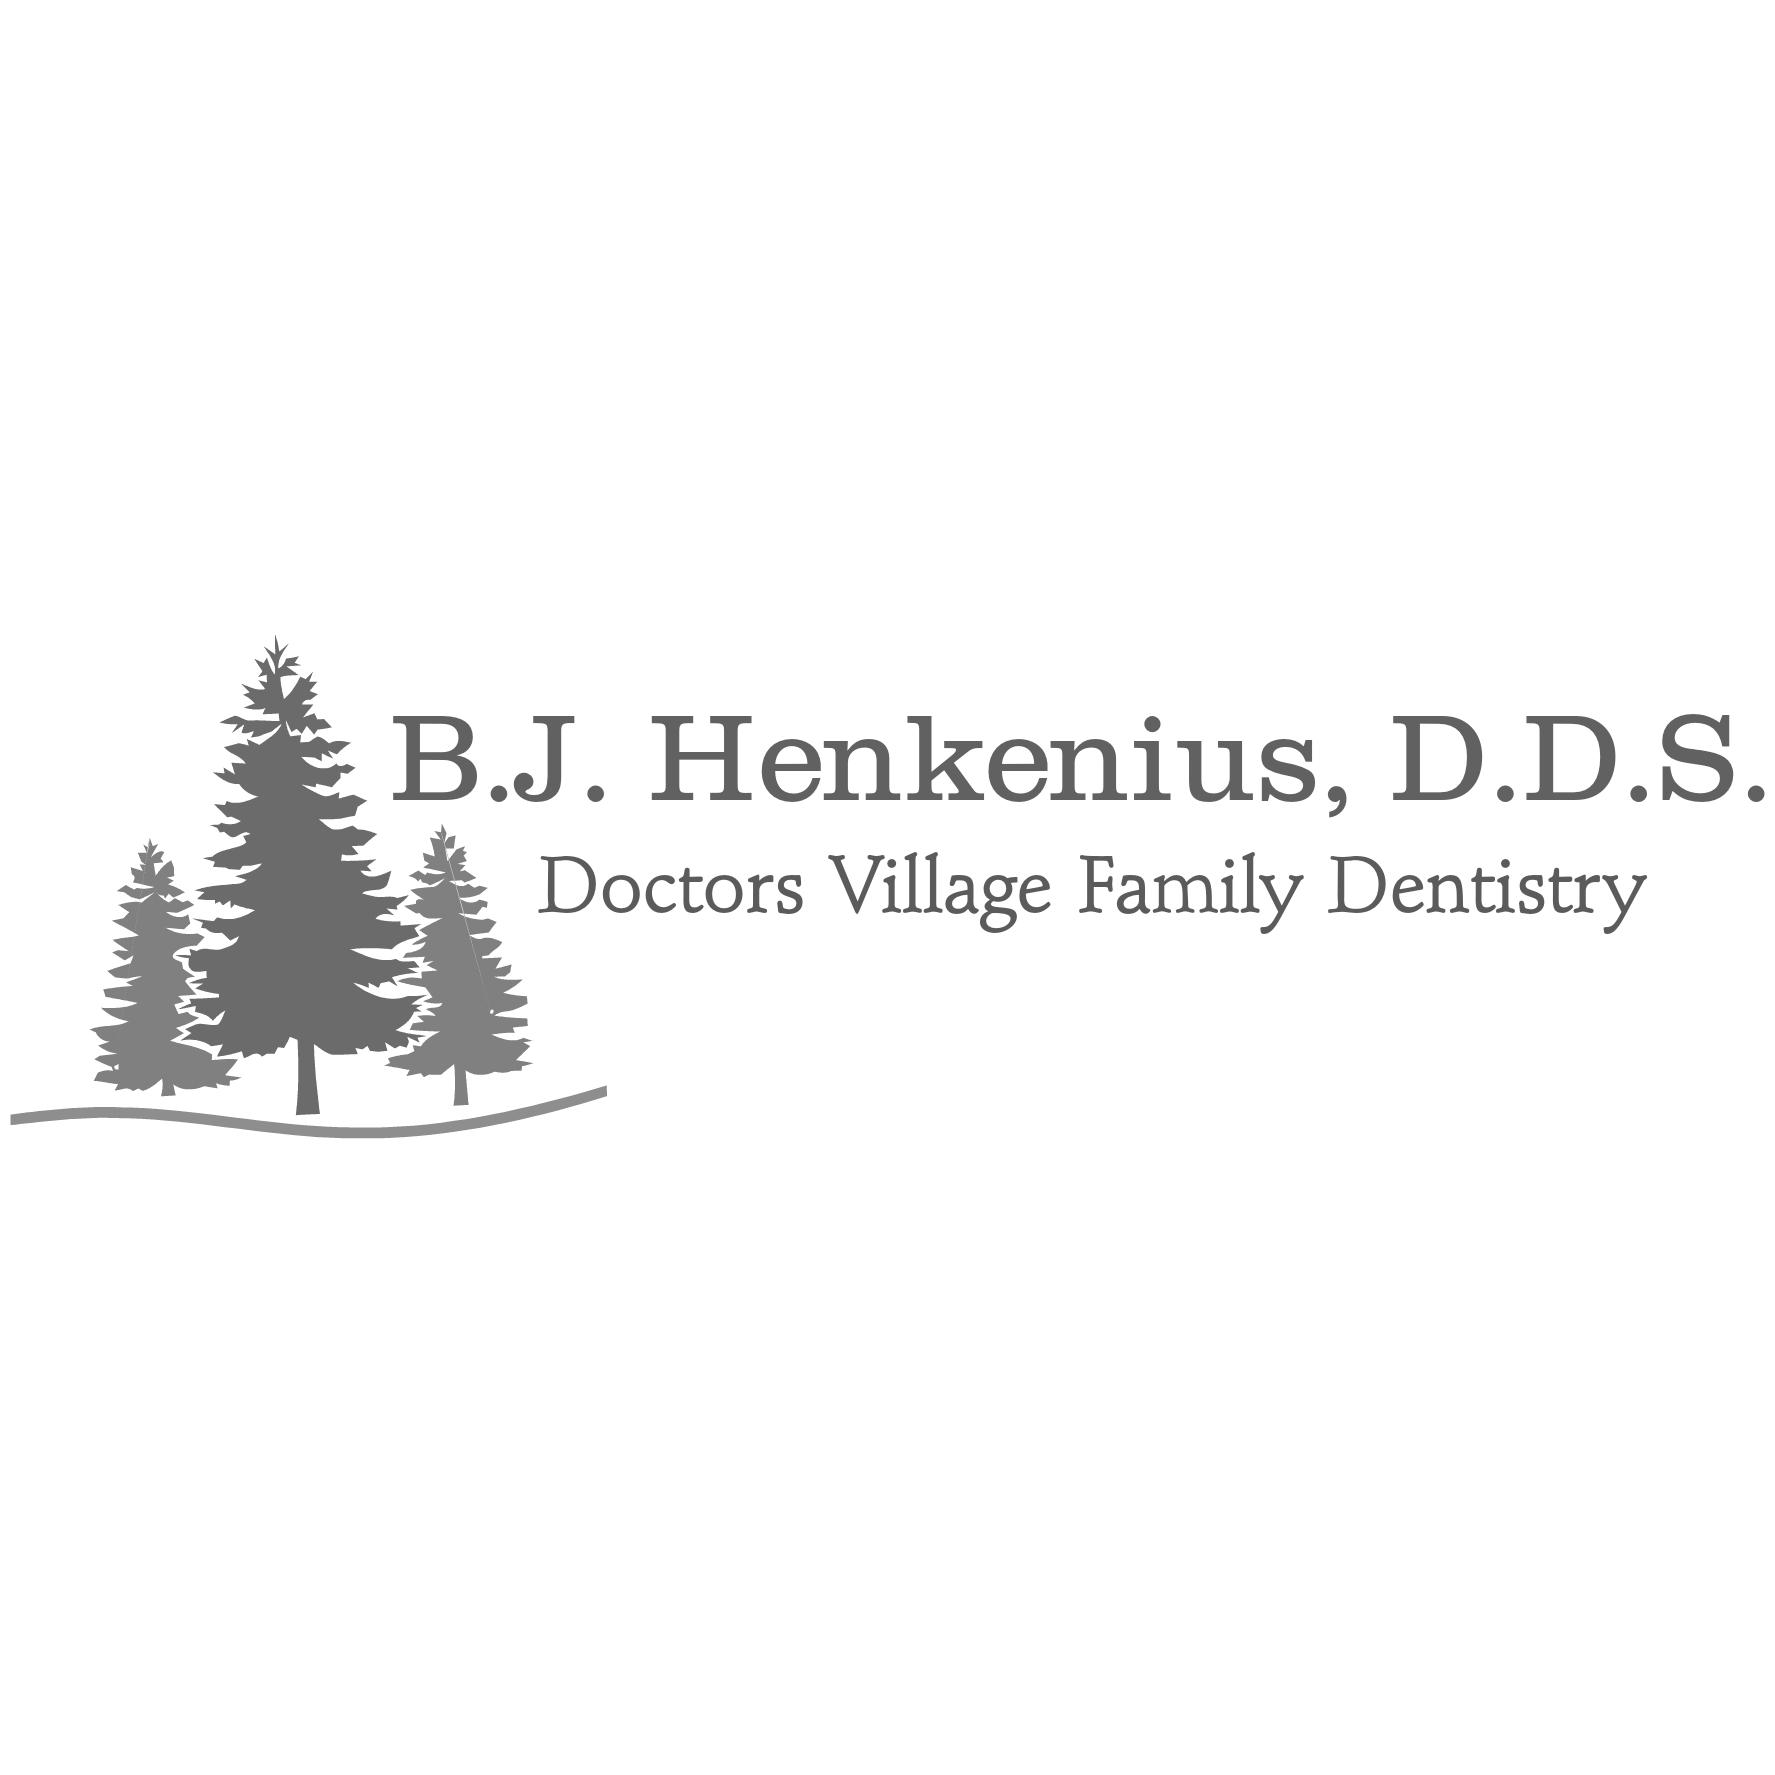 Bradley Henkenius DDS Doctors Village Family Dentistry